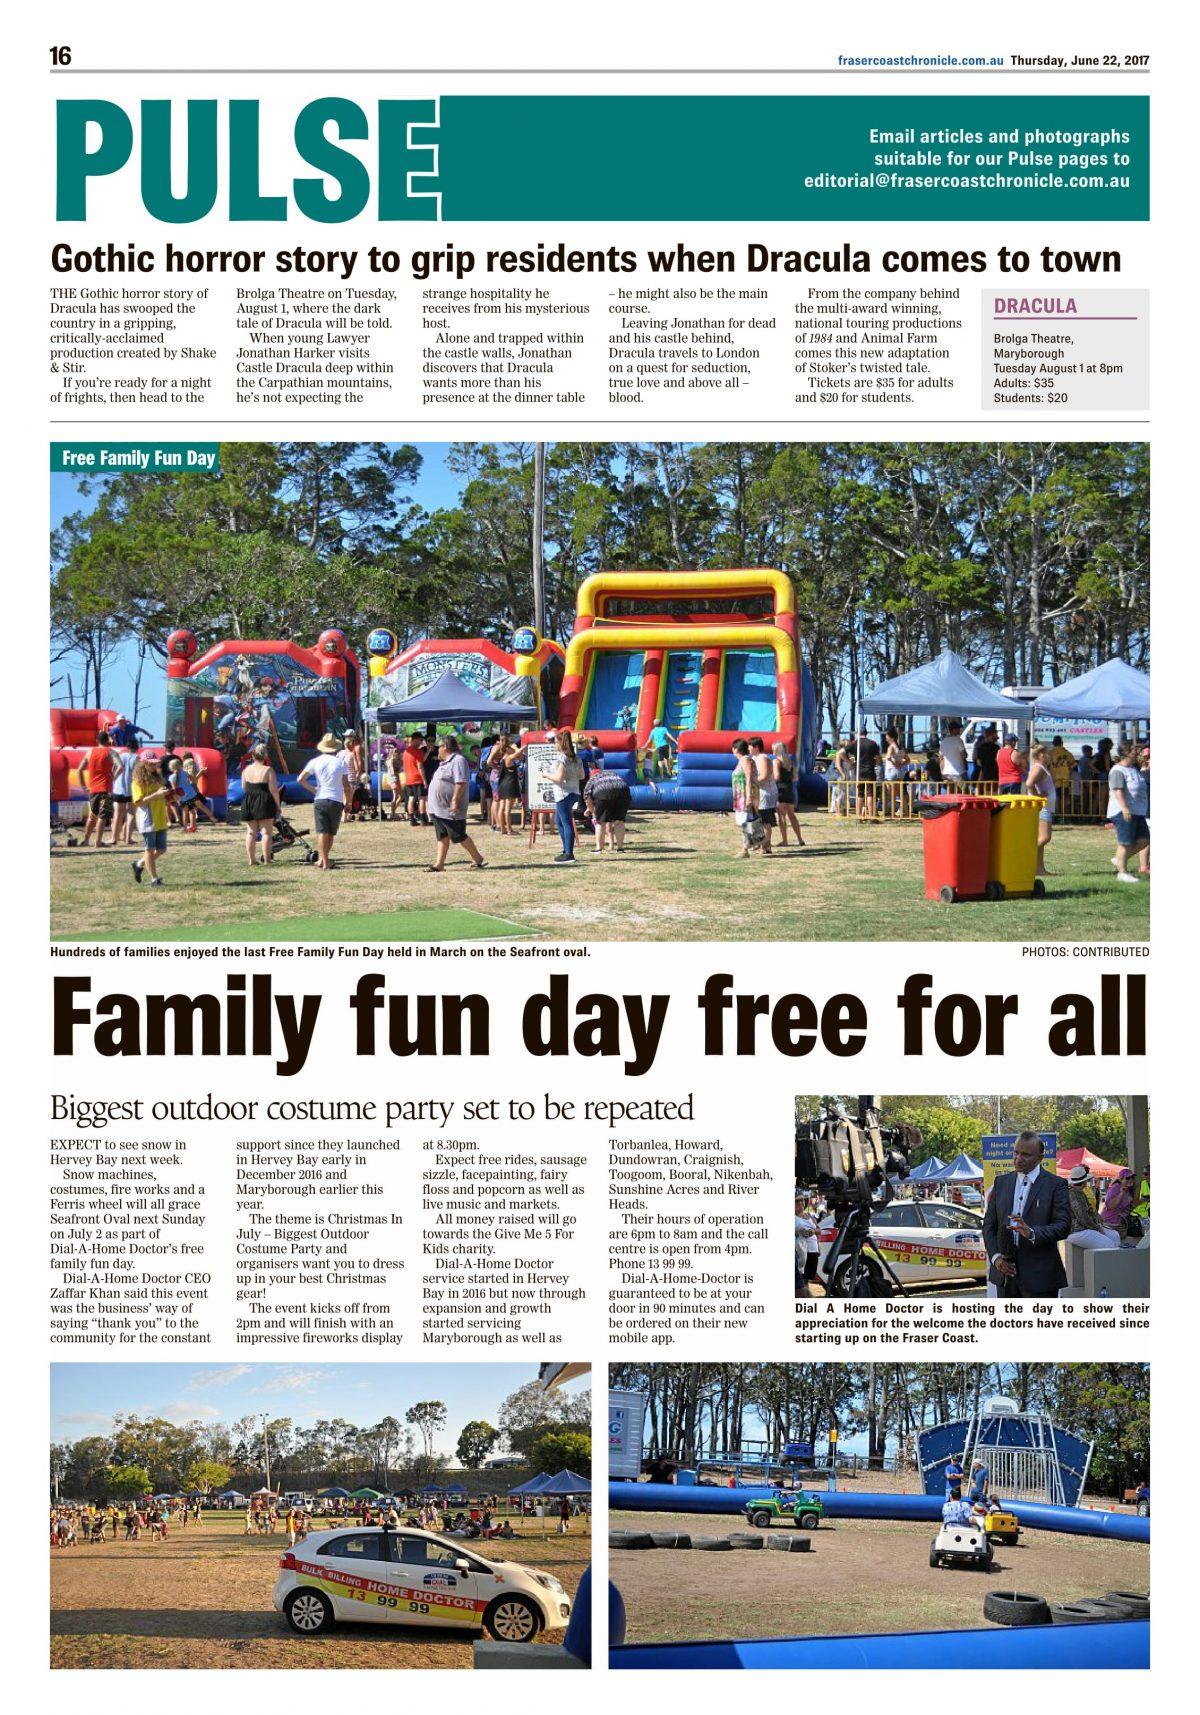 Free-Family-Fun-Day-1-1-1200x1715.jpg